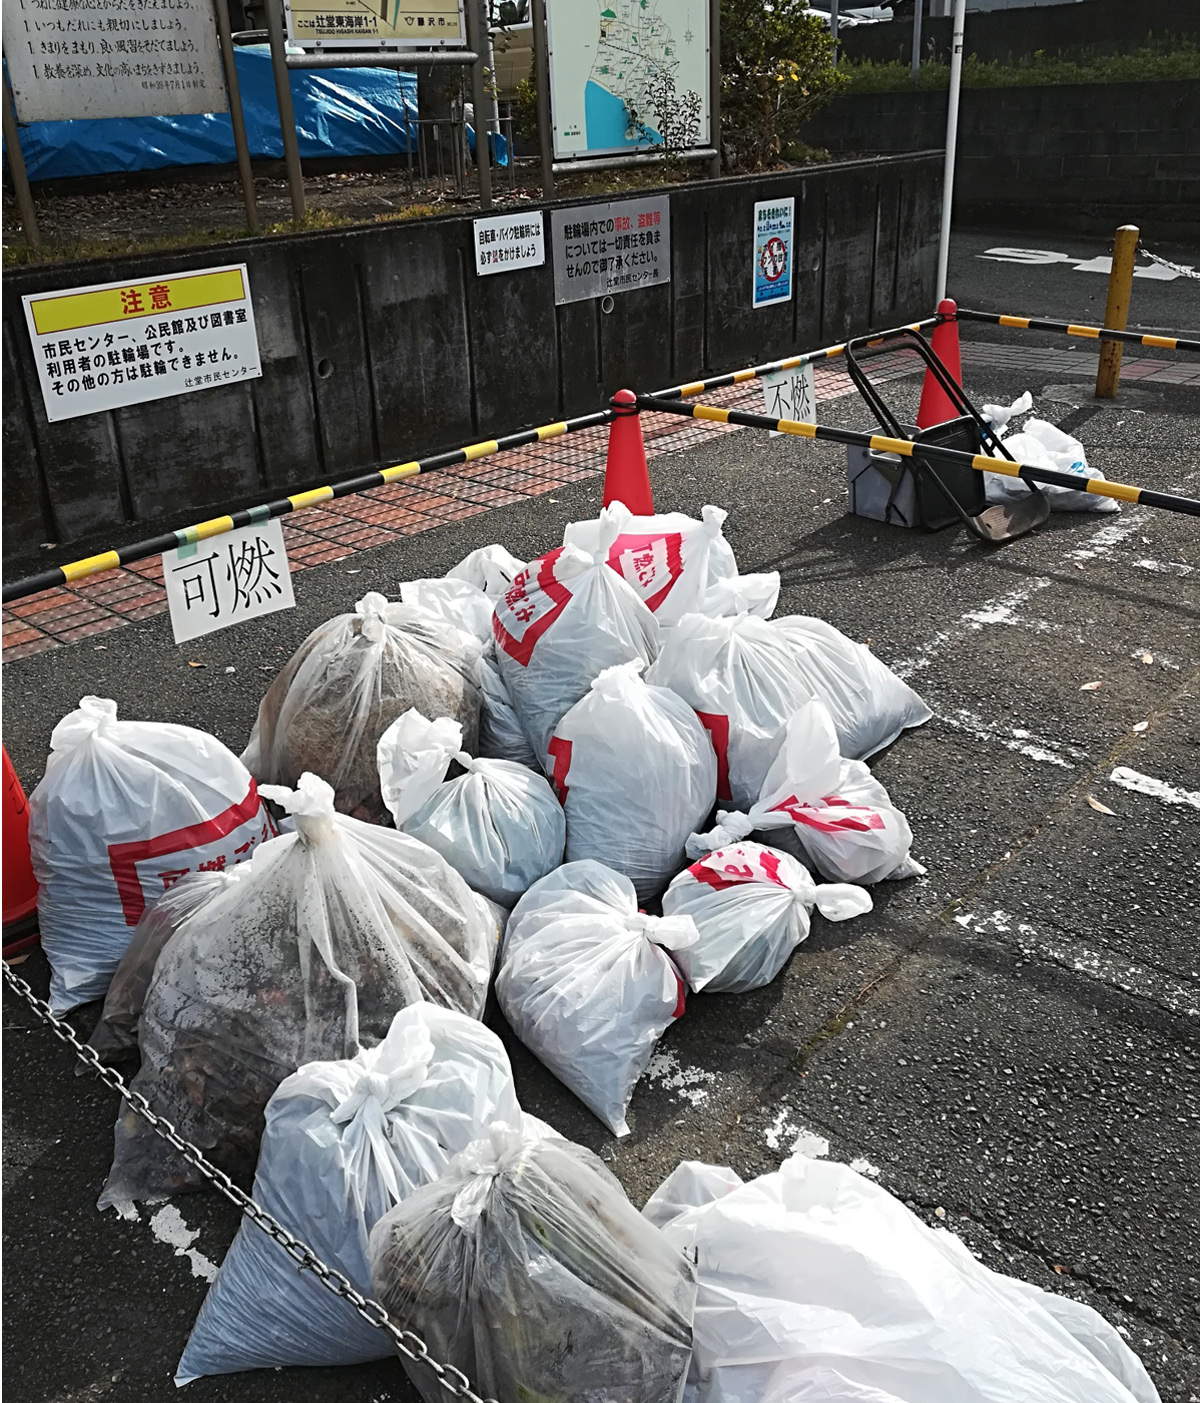 11/17 第25回 藤沢市一日清掃デー開催